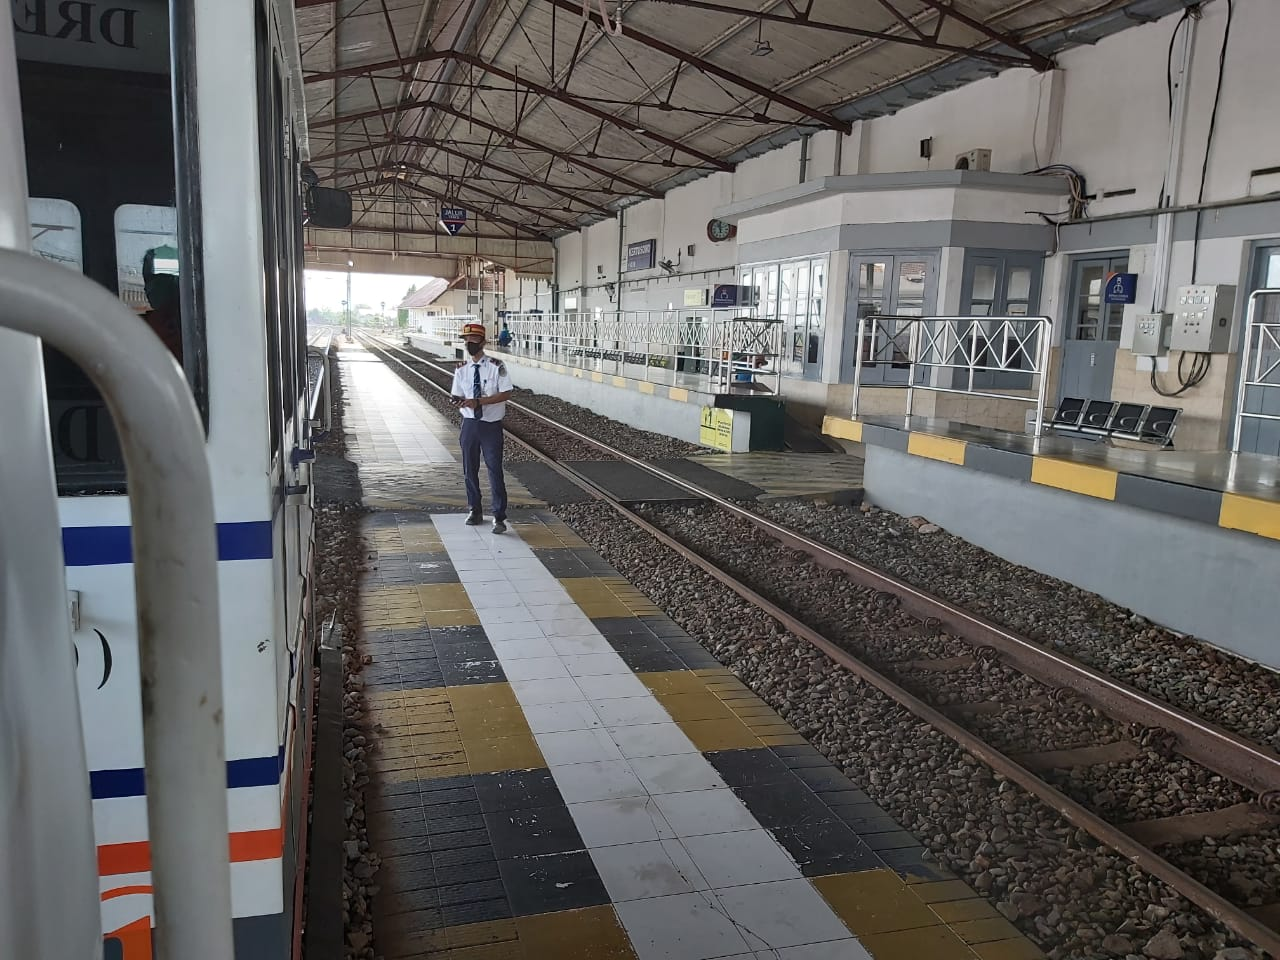 Mulai 12 Juni KA Reguler Blitar-Surabaya Dijalankan Kembali Melayani Masyarakat, ini Syaratnya